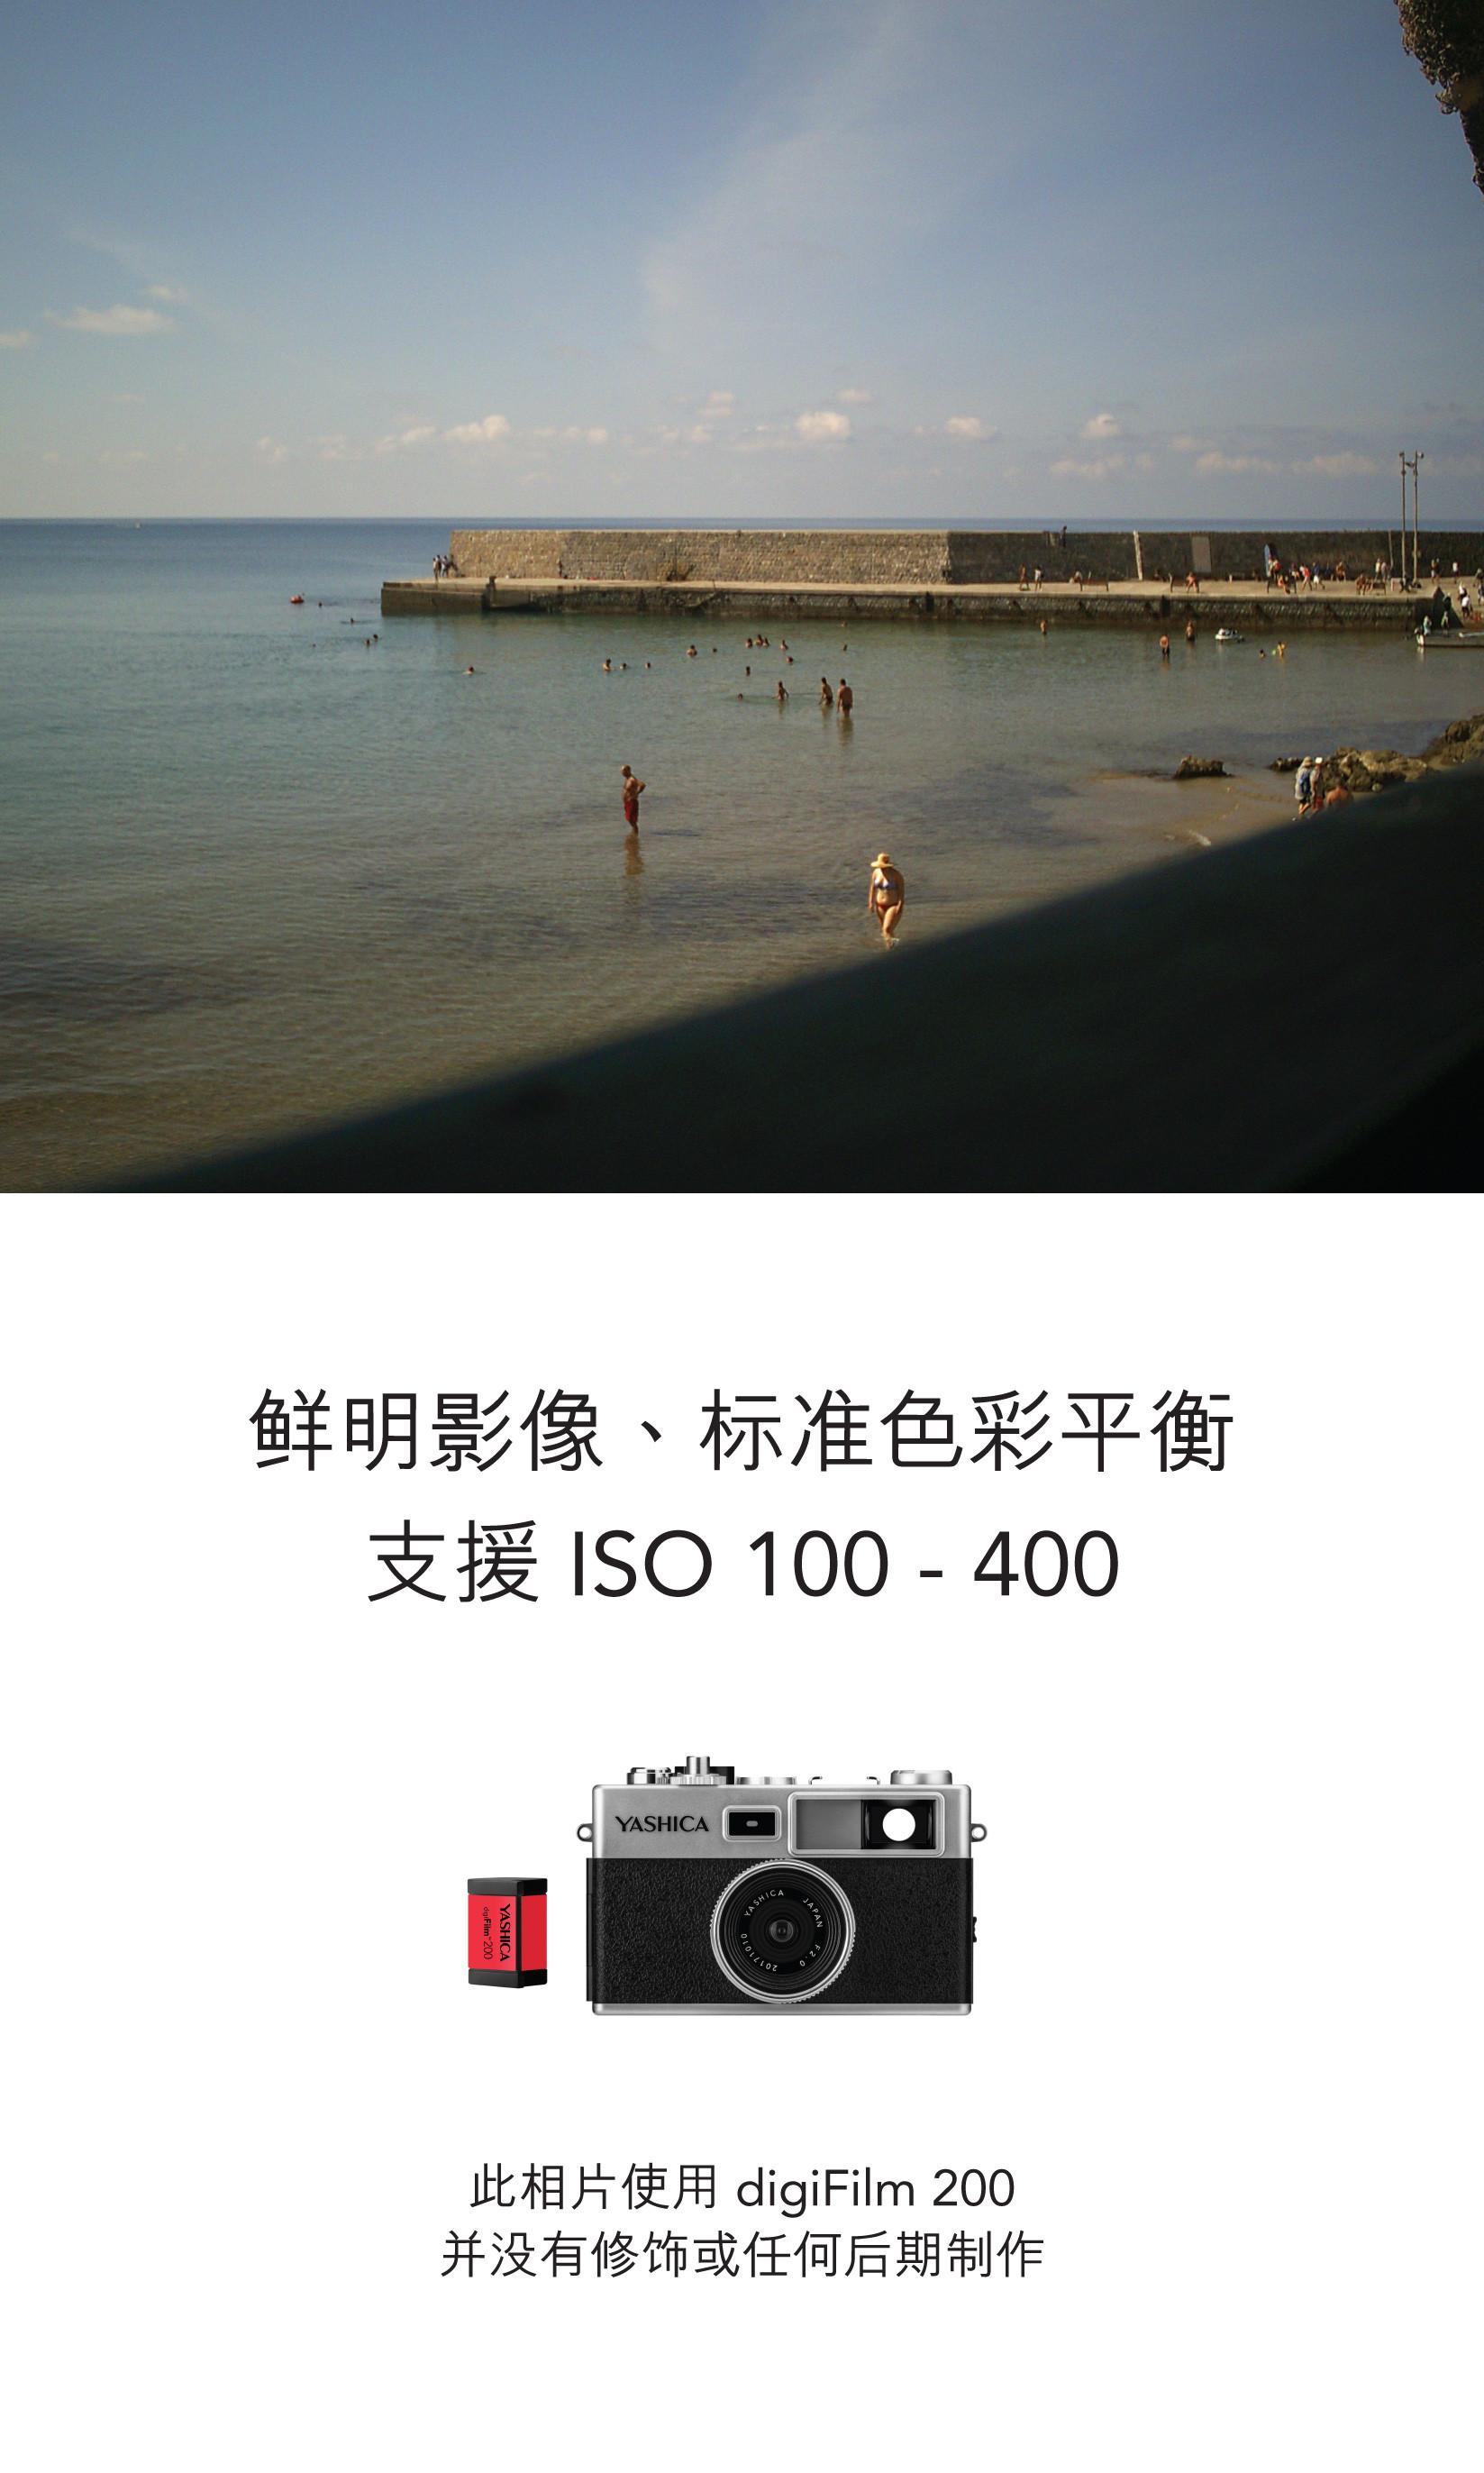 Y35-CN_part-1-20.jpg